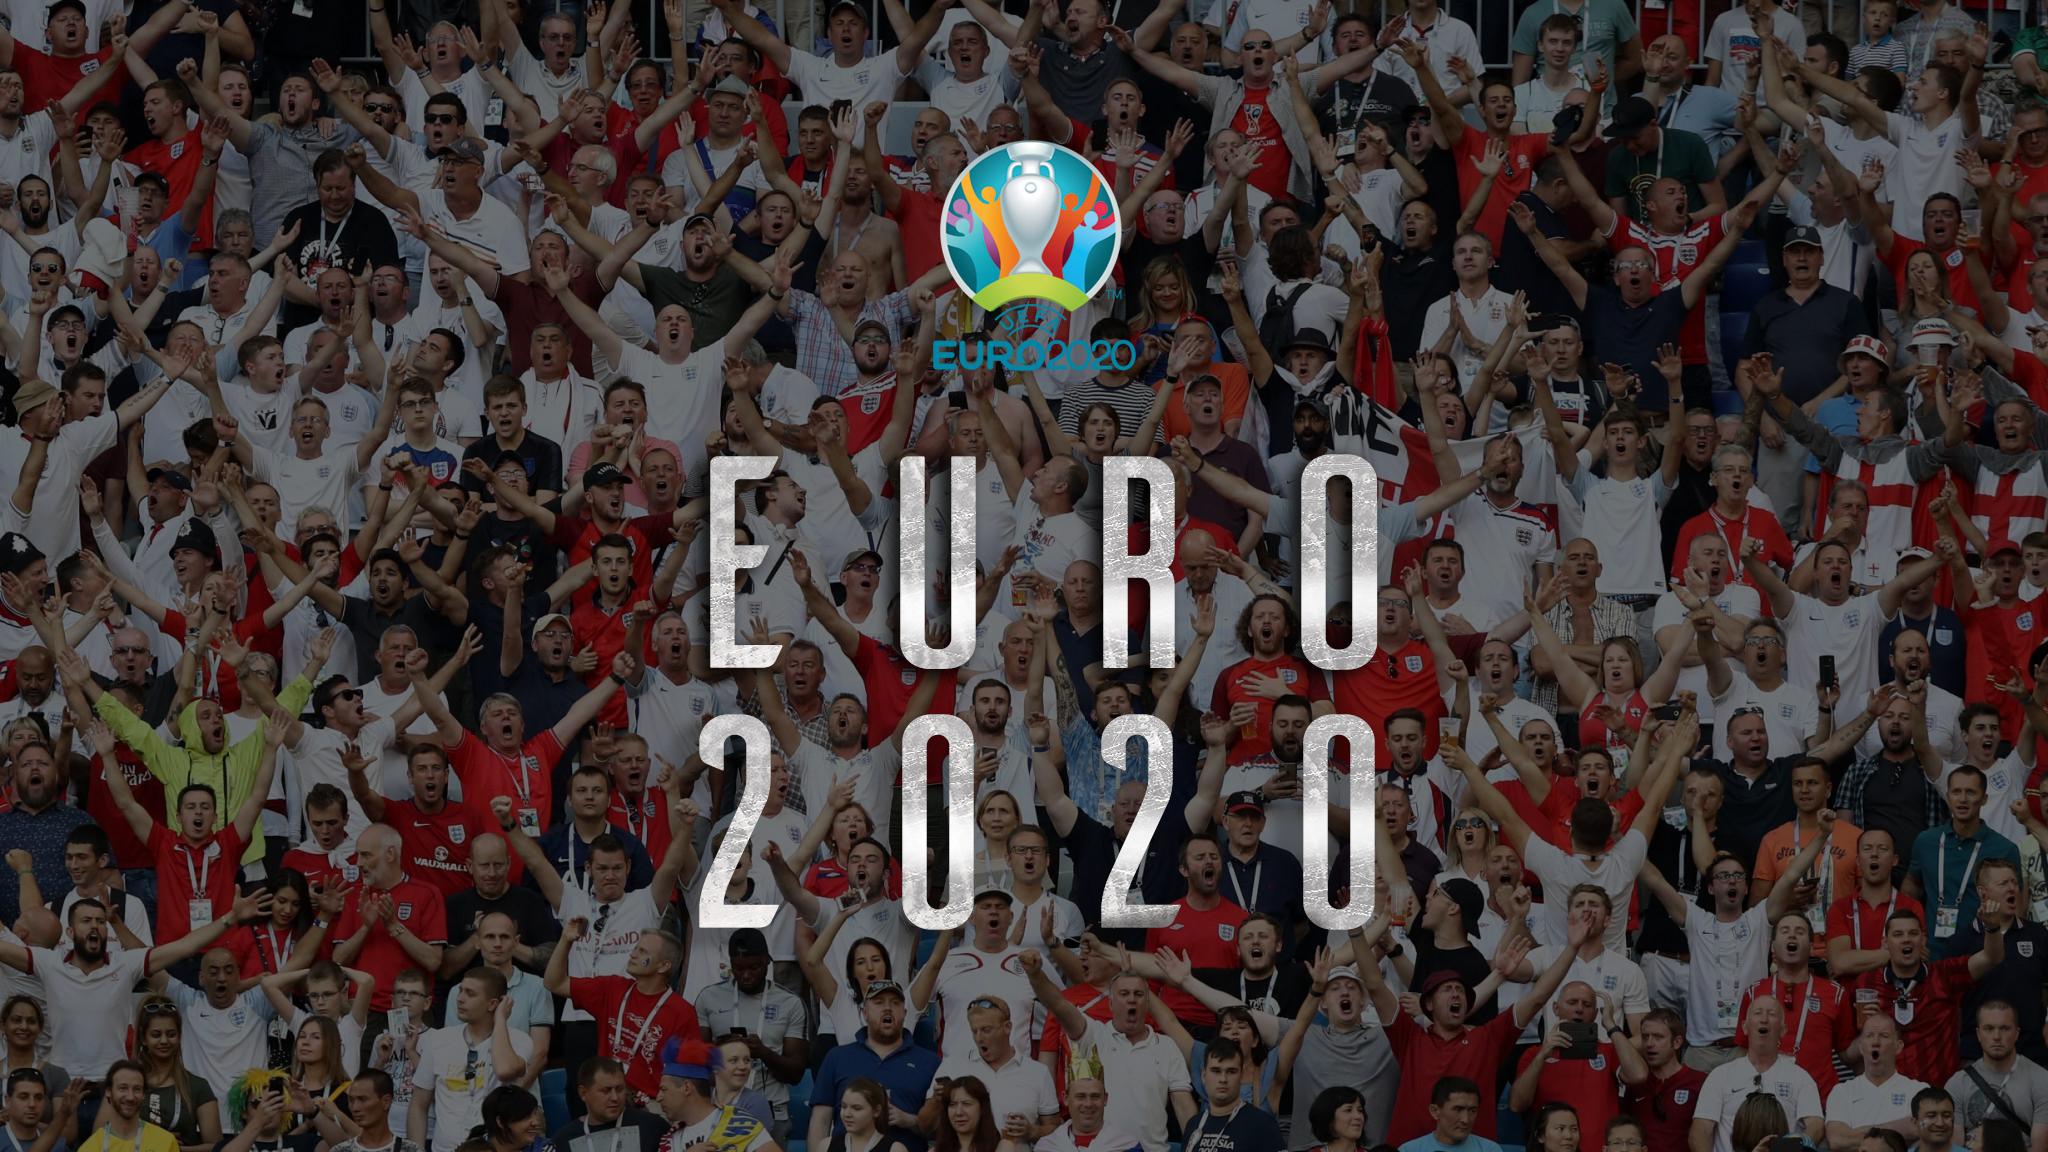 EUROS: ENGLAND VS CROATIA